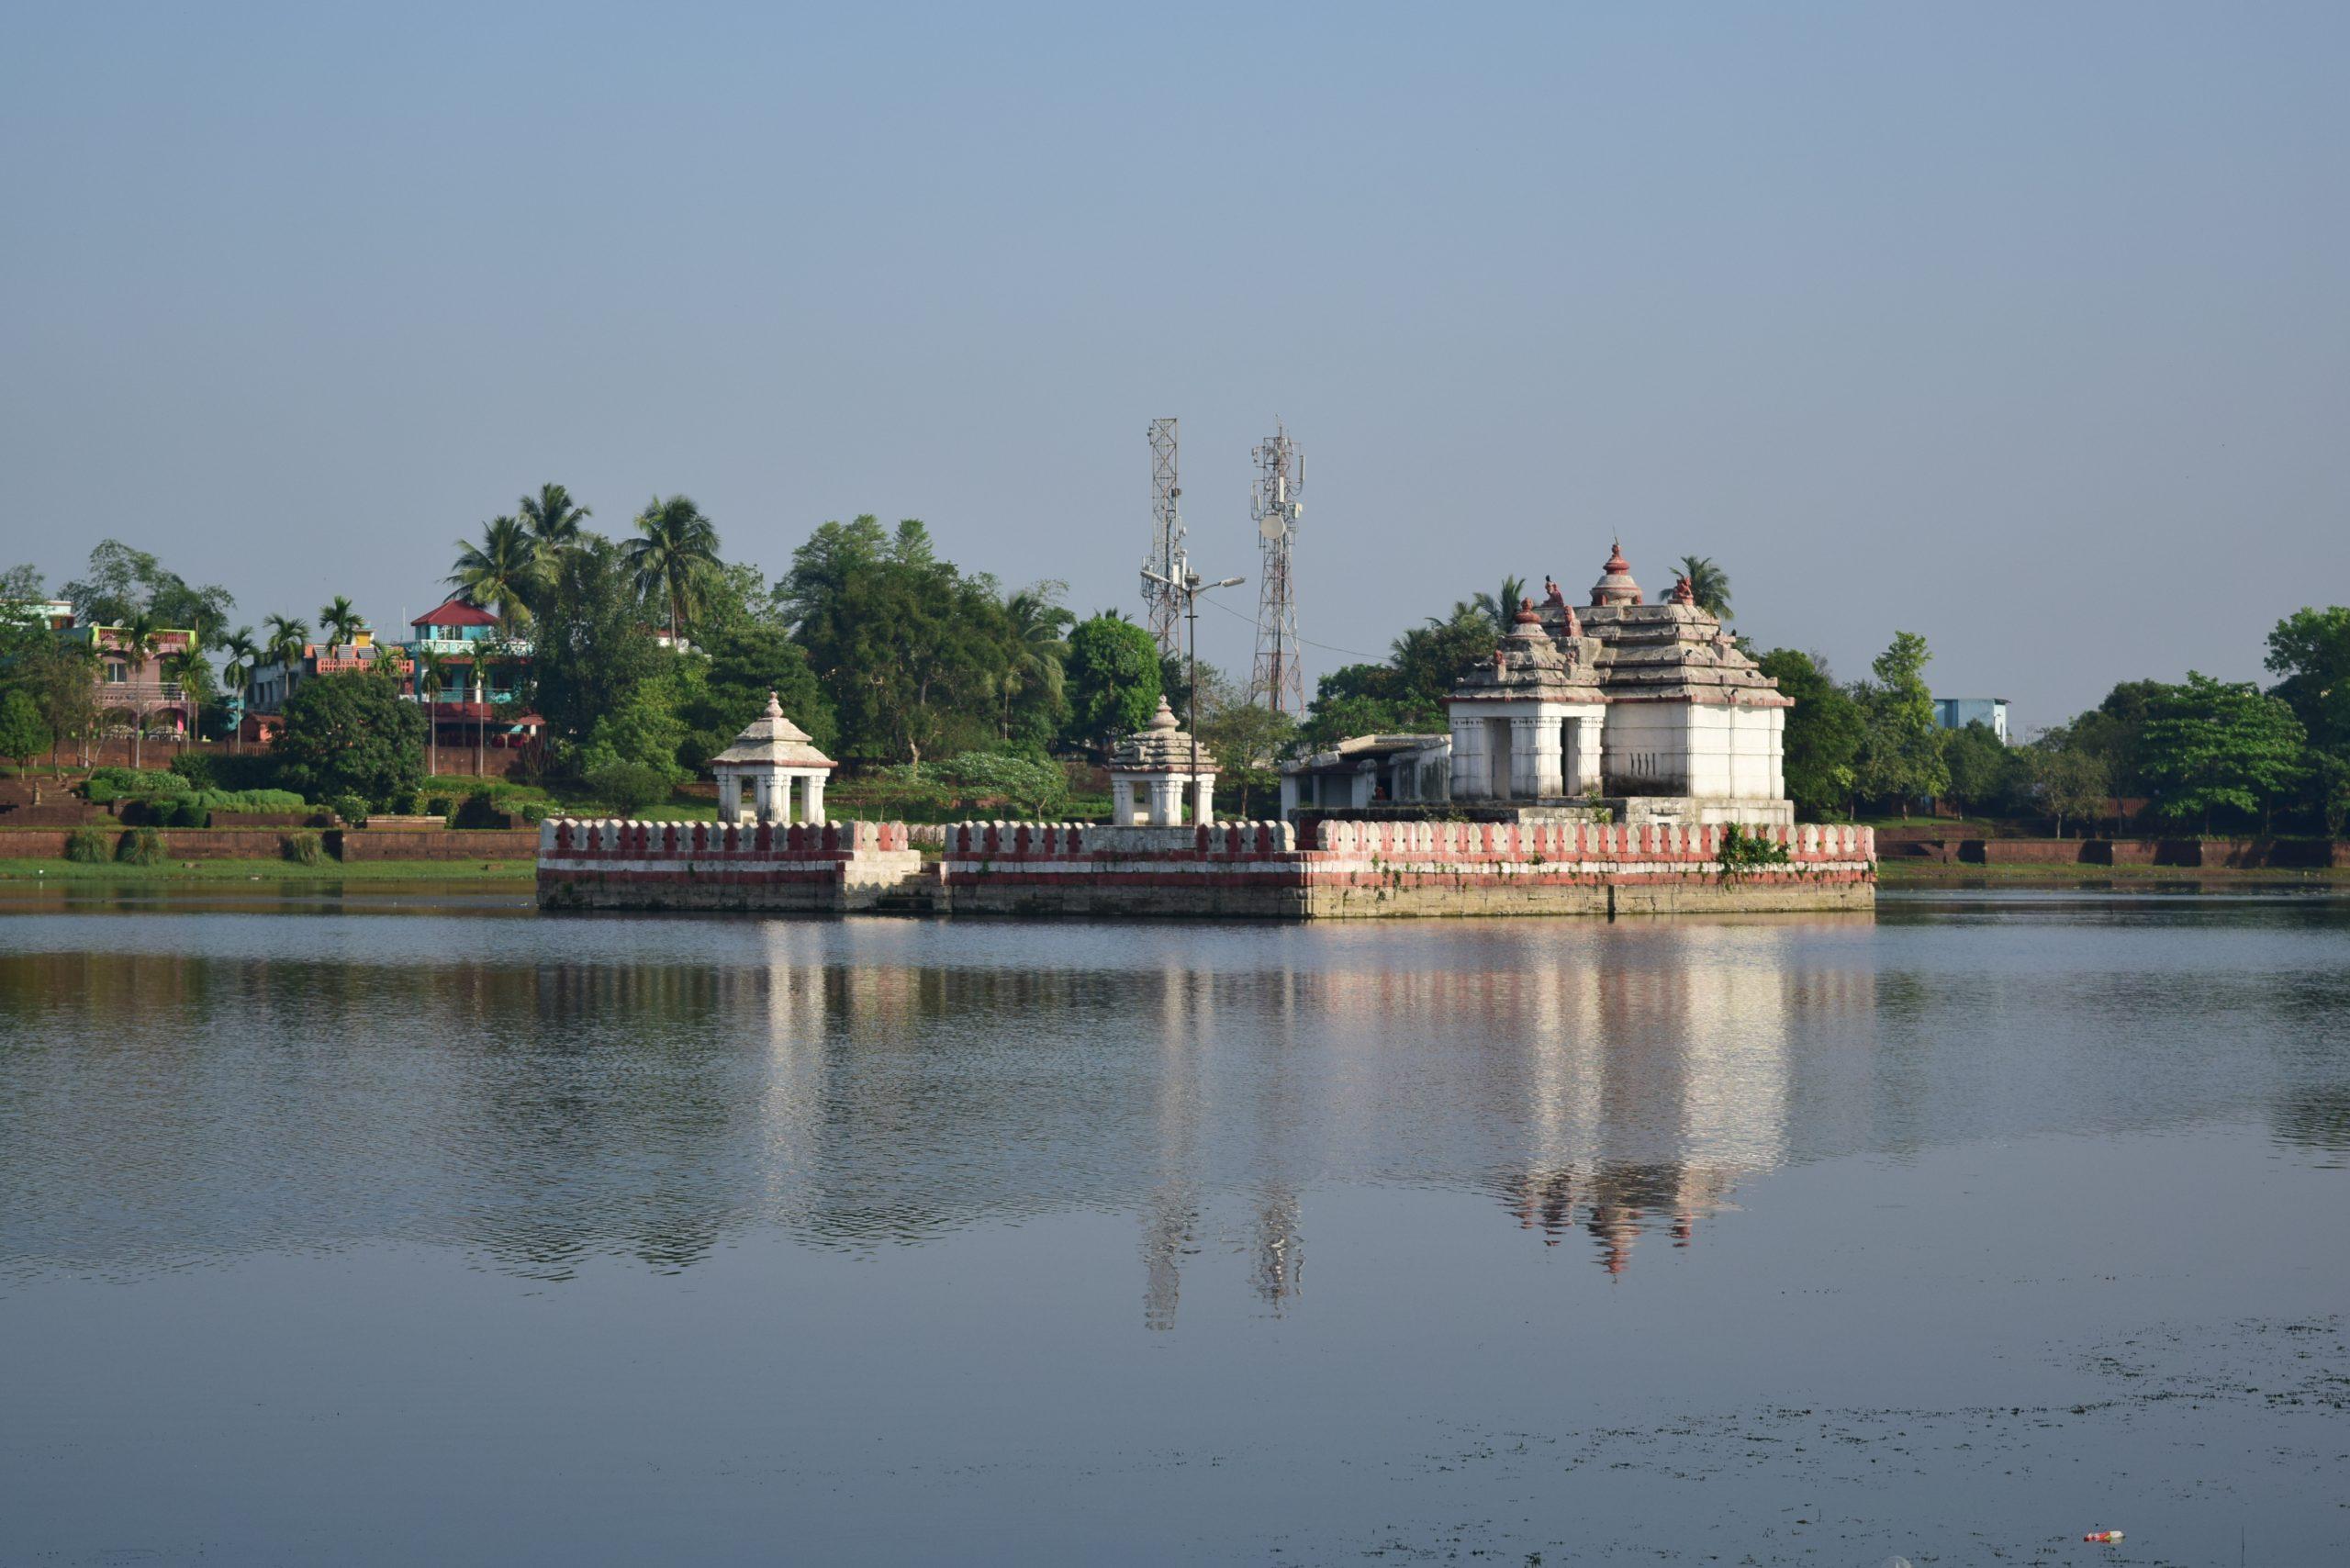 Most Popular Place To Visit In Bhubaneswar - Bindu Sagar Lake/Bindu Sarovar